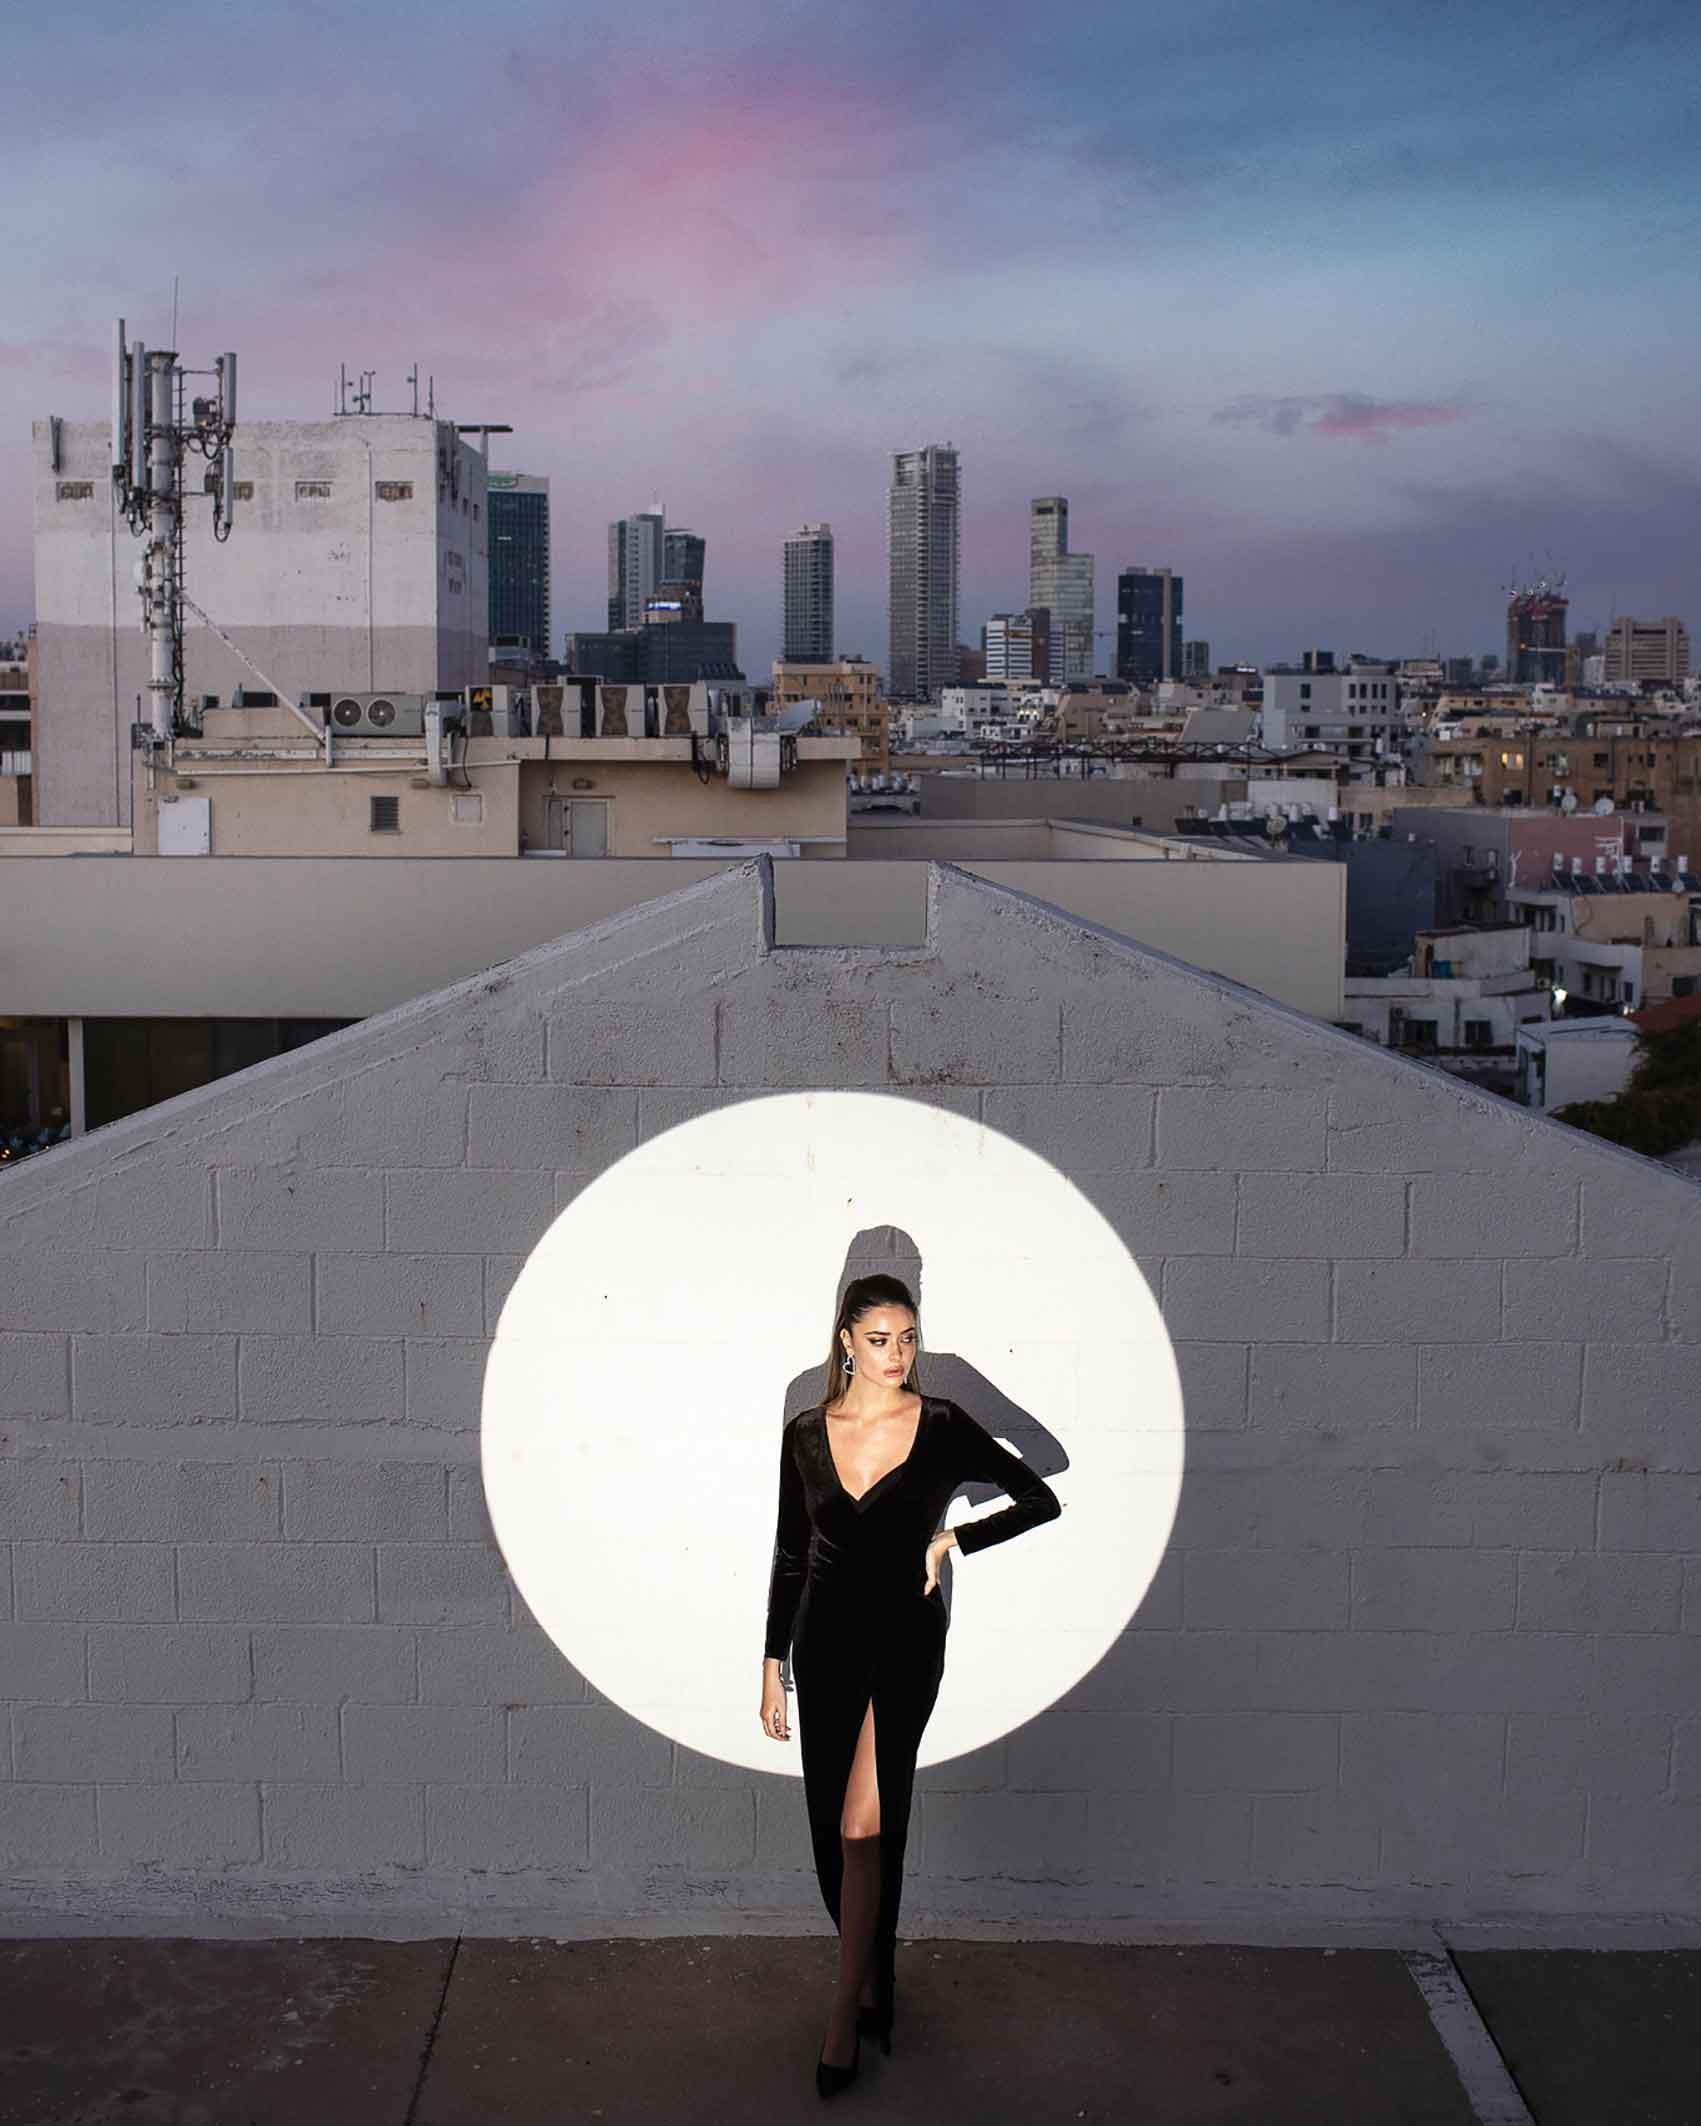 הדר_חיון_אופנה_מגזין_אופנה_דיגיטלי